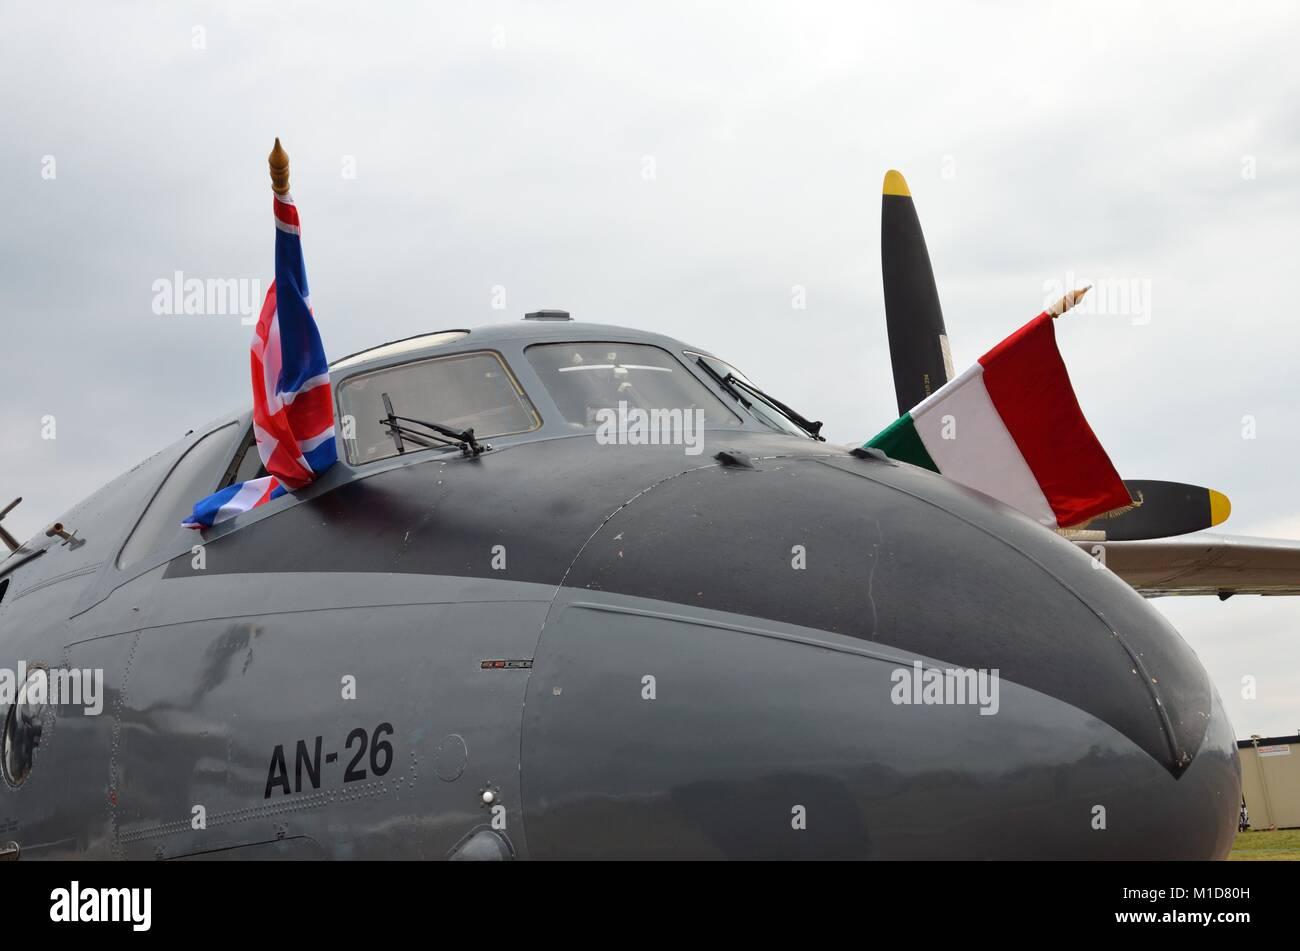 Antonov AN-26, Hungarian Air Force, RIAT 2014 - Stock Image